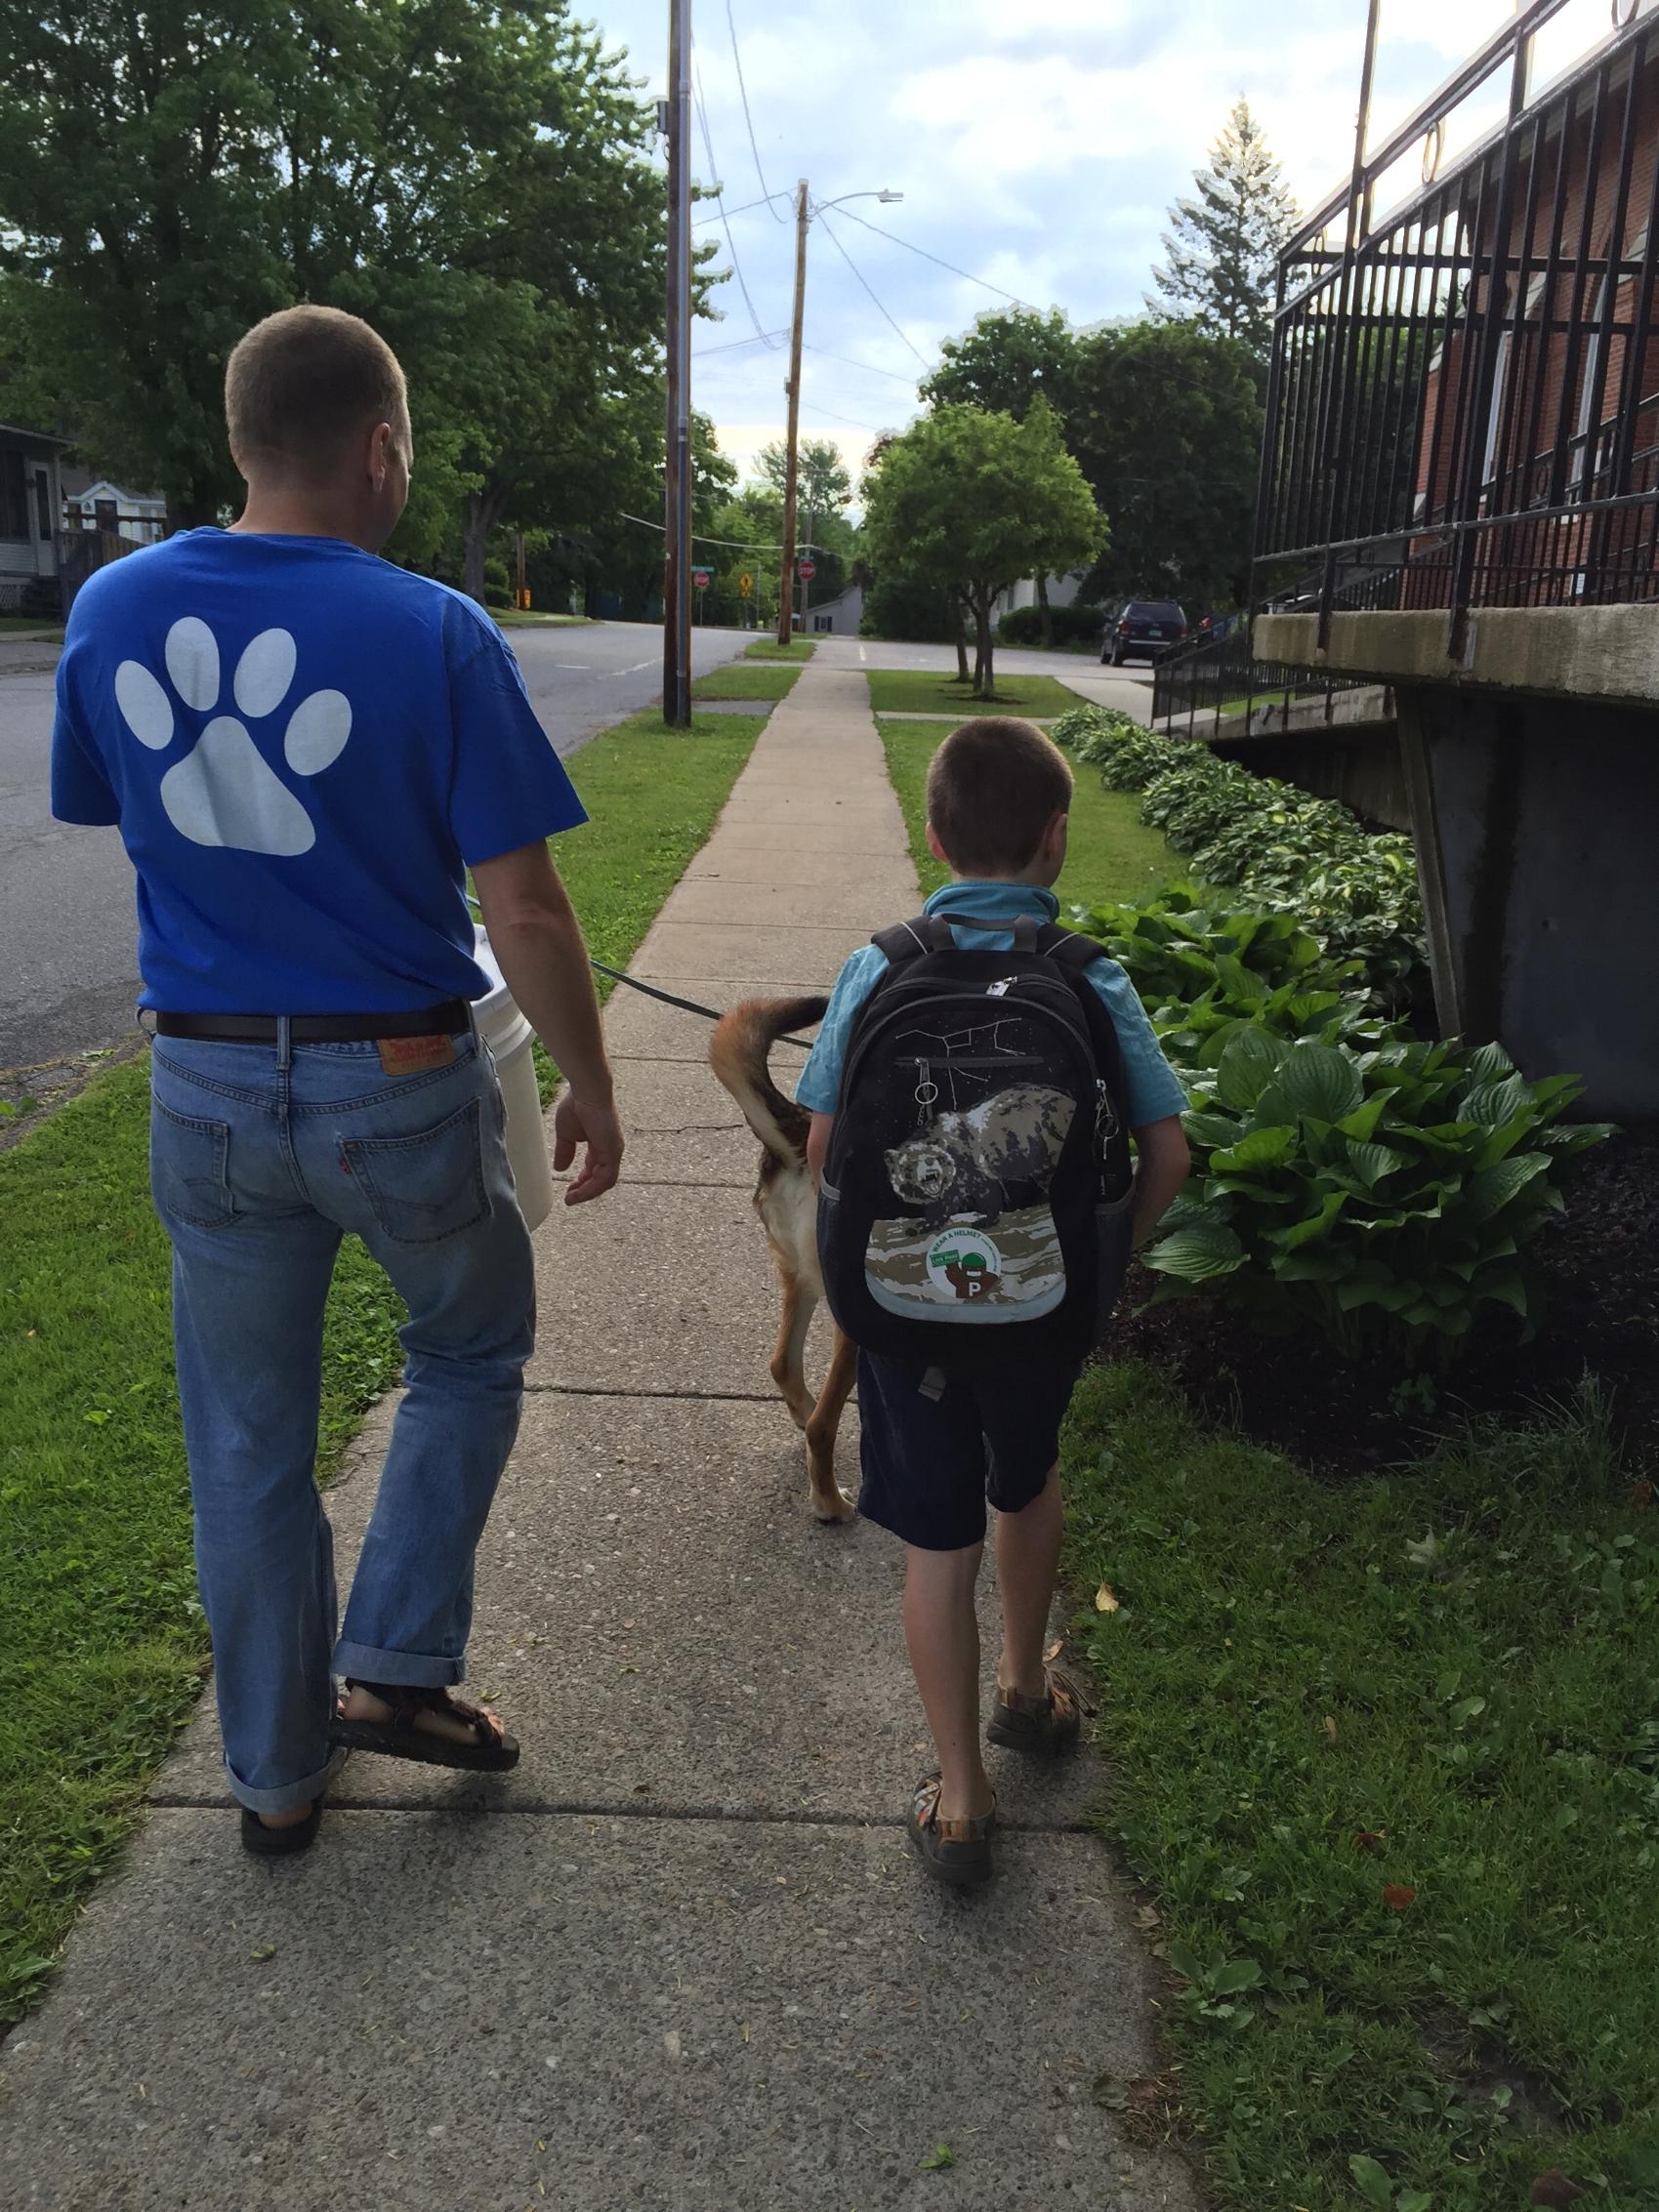 Many children walk or bike to school in vergennes